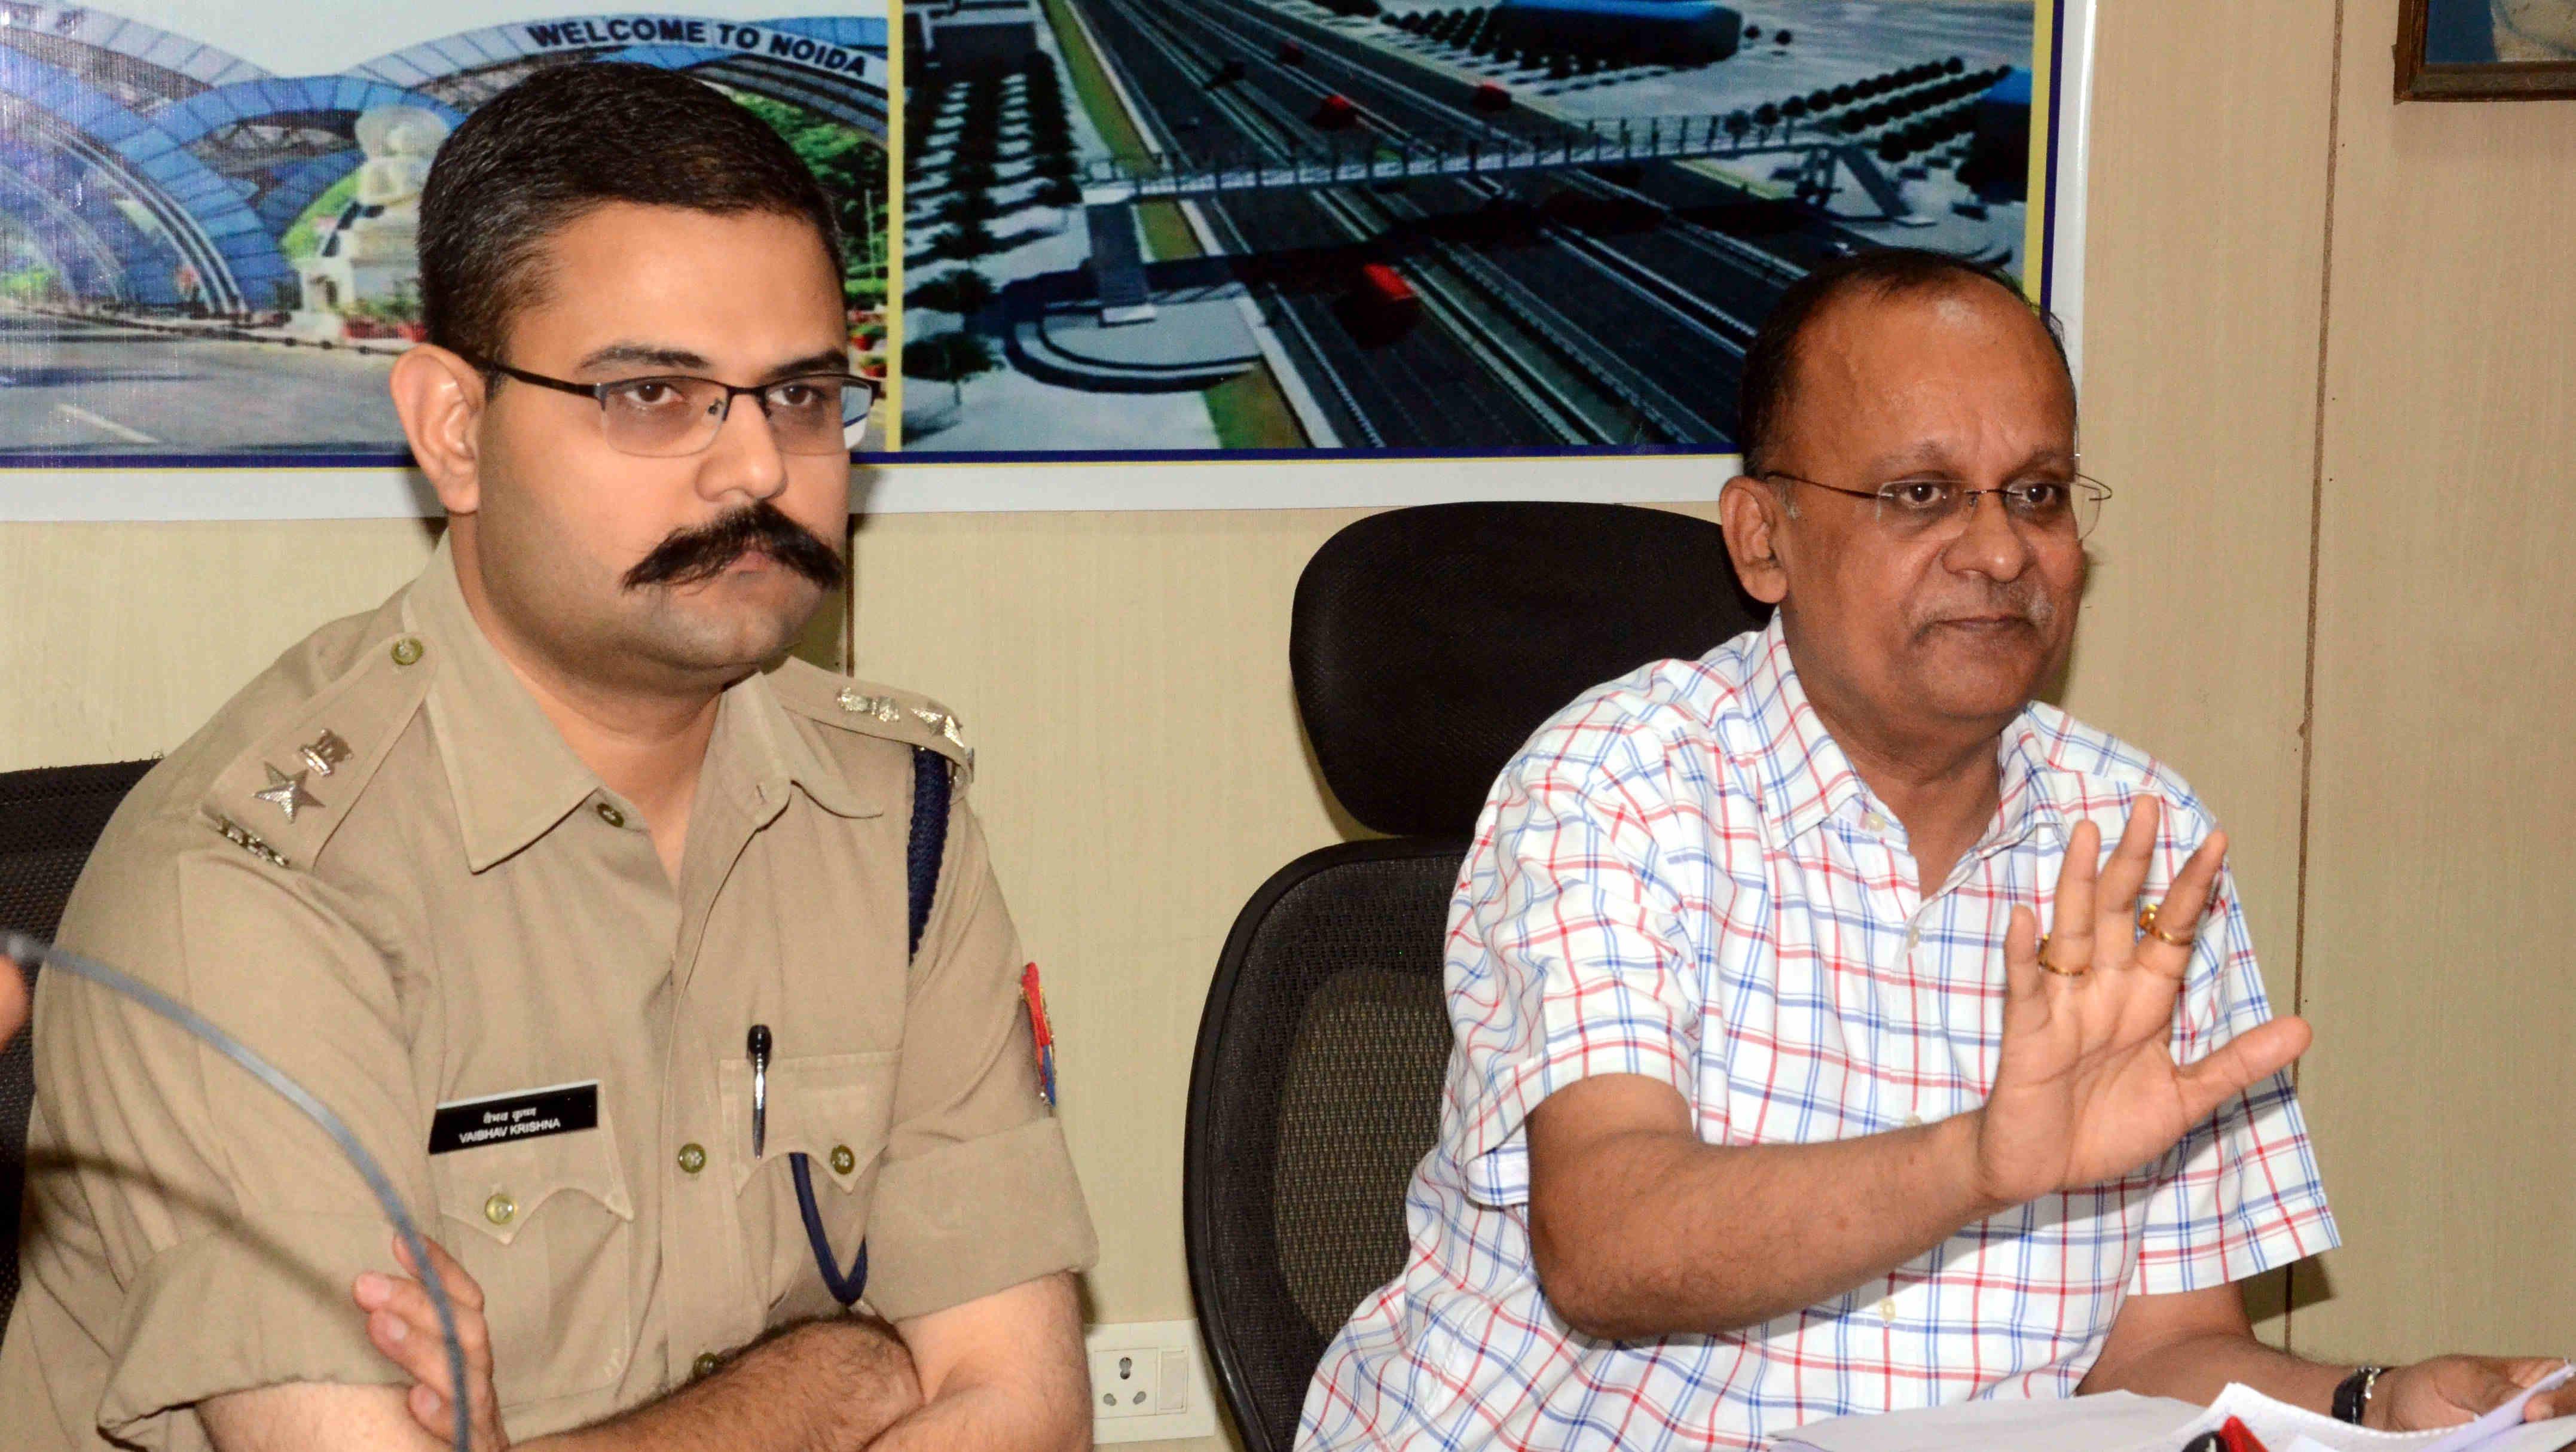 नोएडा के शाहबेरी प्रकरण में जिला अधिकारी एसएसपी ने की बड़ी कार्रवाई, बिल्डरों में मचा हडकम्प